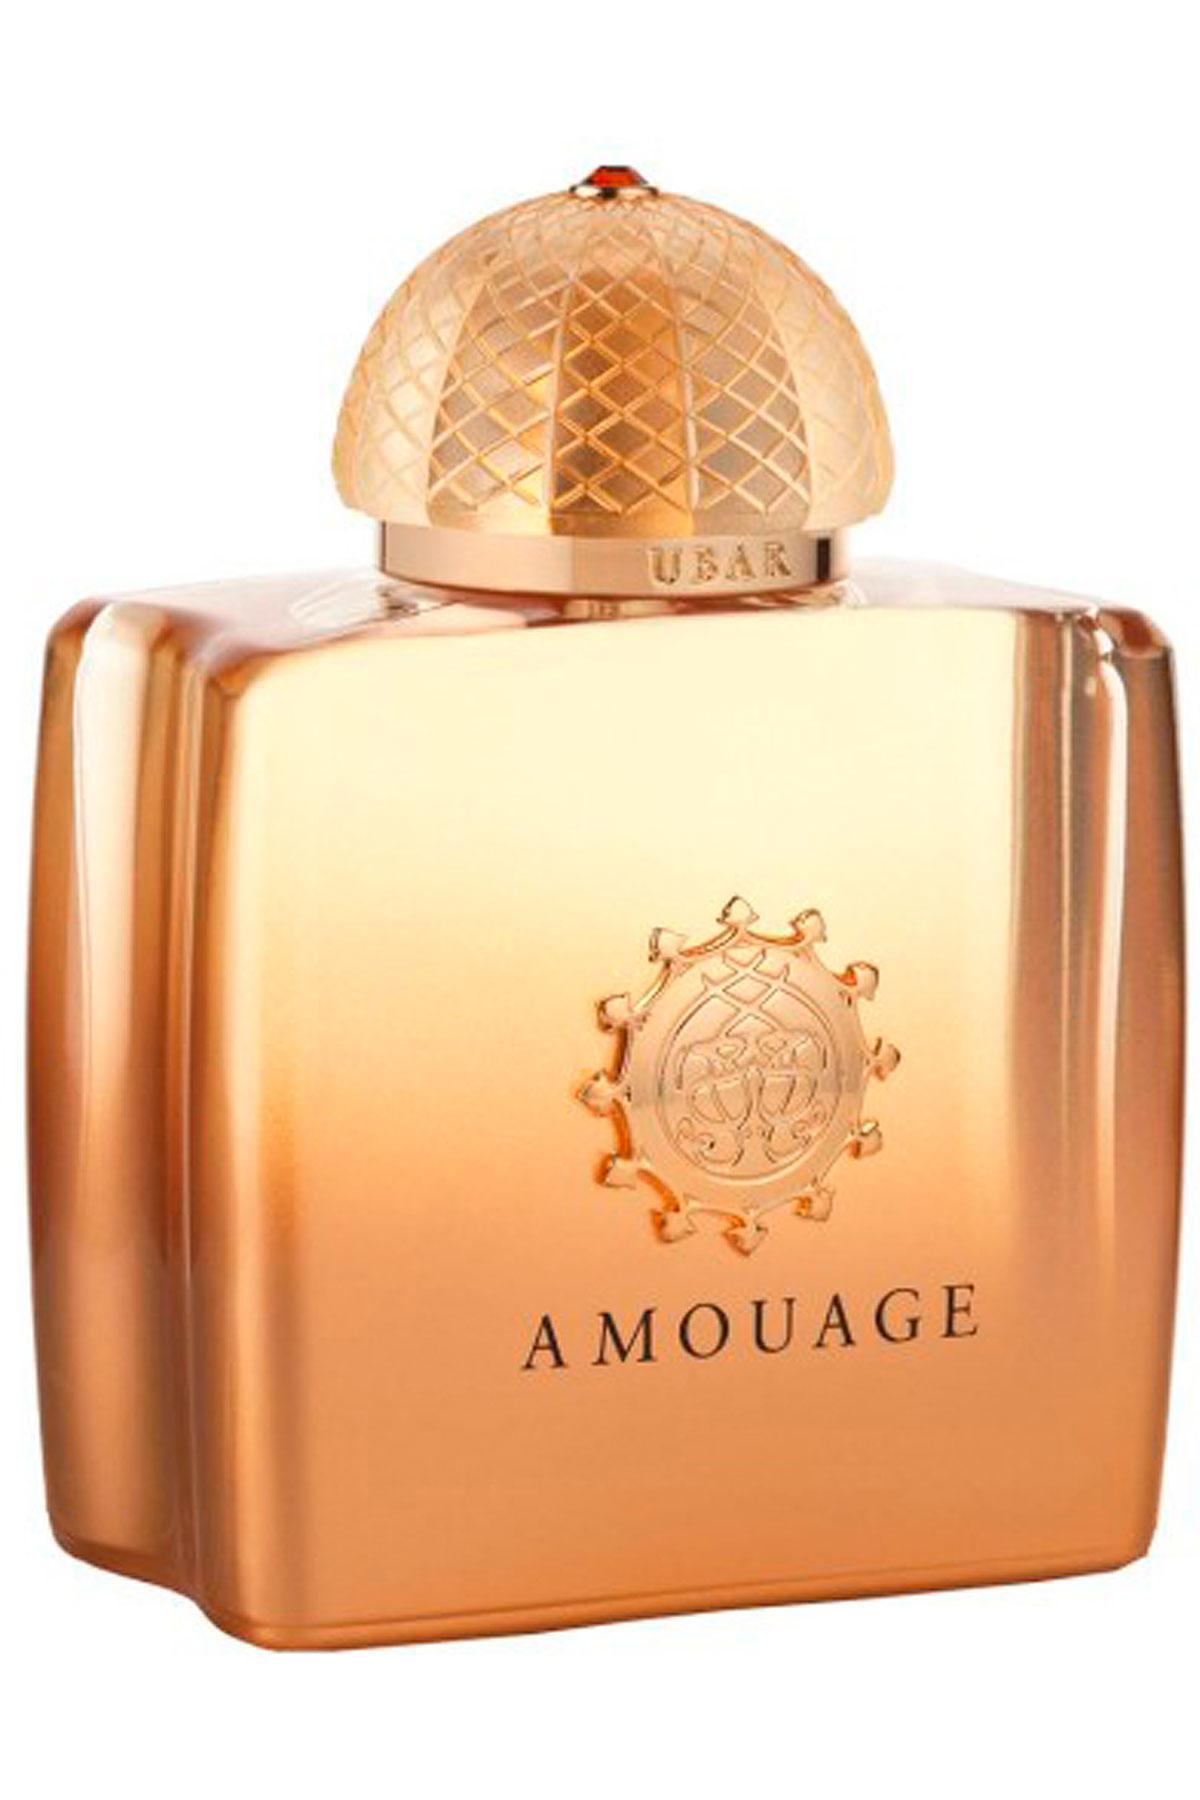 Amouage Fragrances for Women, Ubar - Eau De Parfum - 100 Ml, 2019, 100 ml